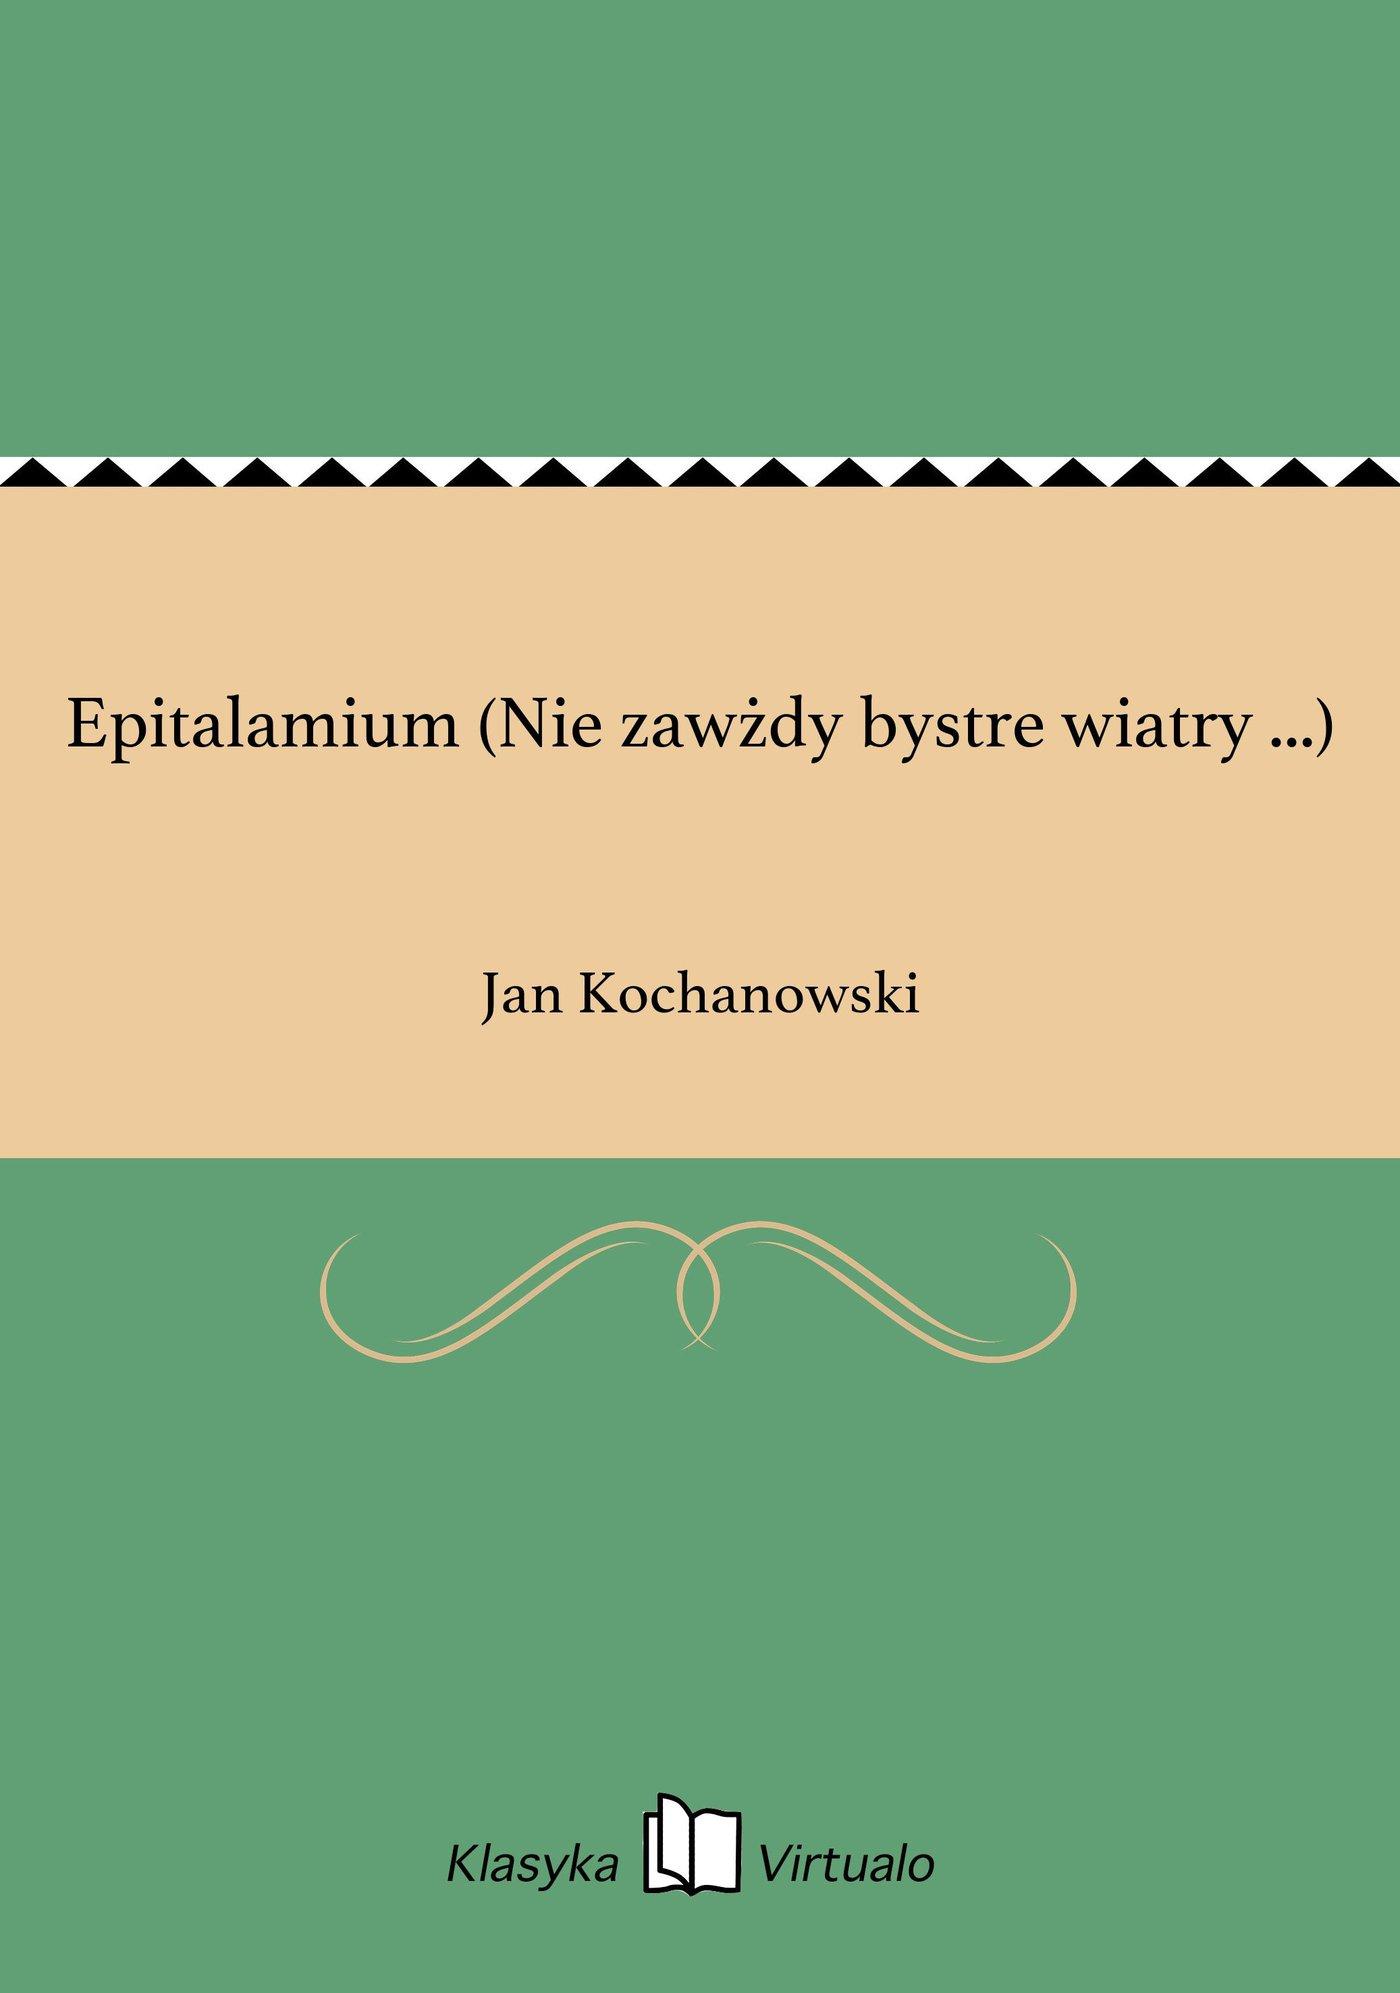 Epitalamium (Nie zawżdy bystre wiatry ...) - Ebook (Książka na Kindle) do pobrania w formacie MOBI